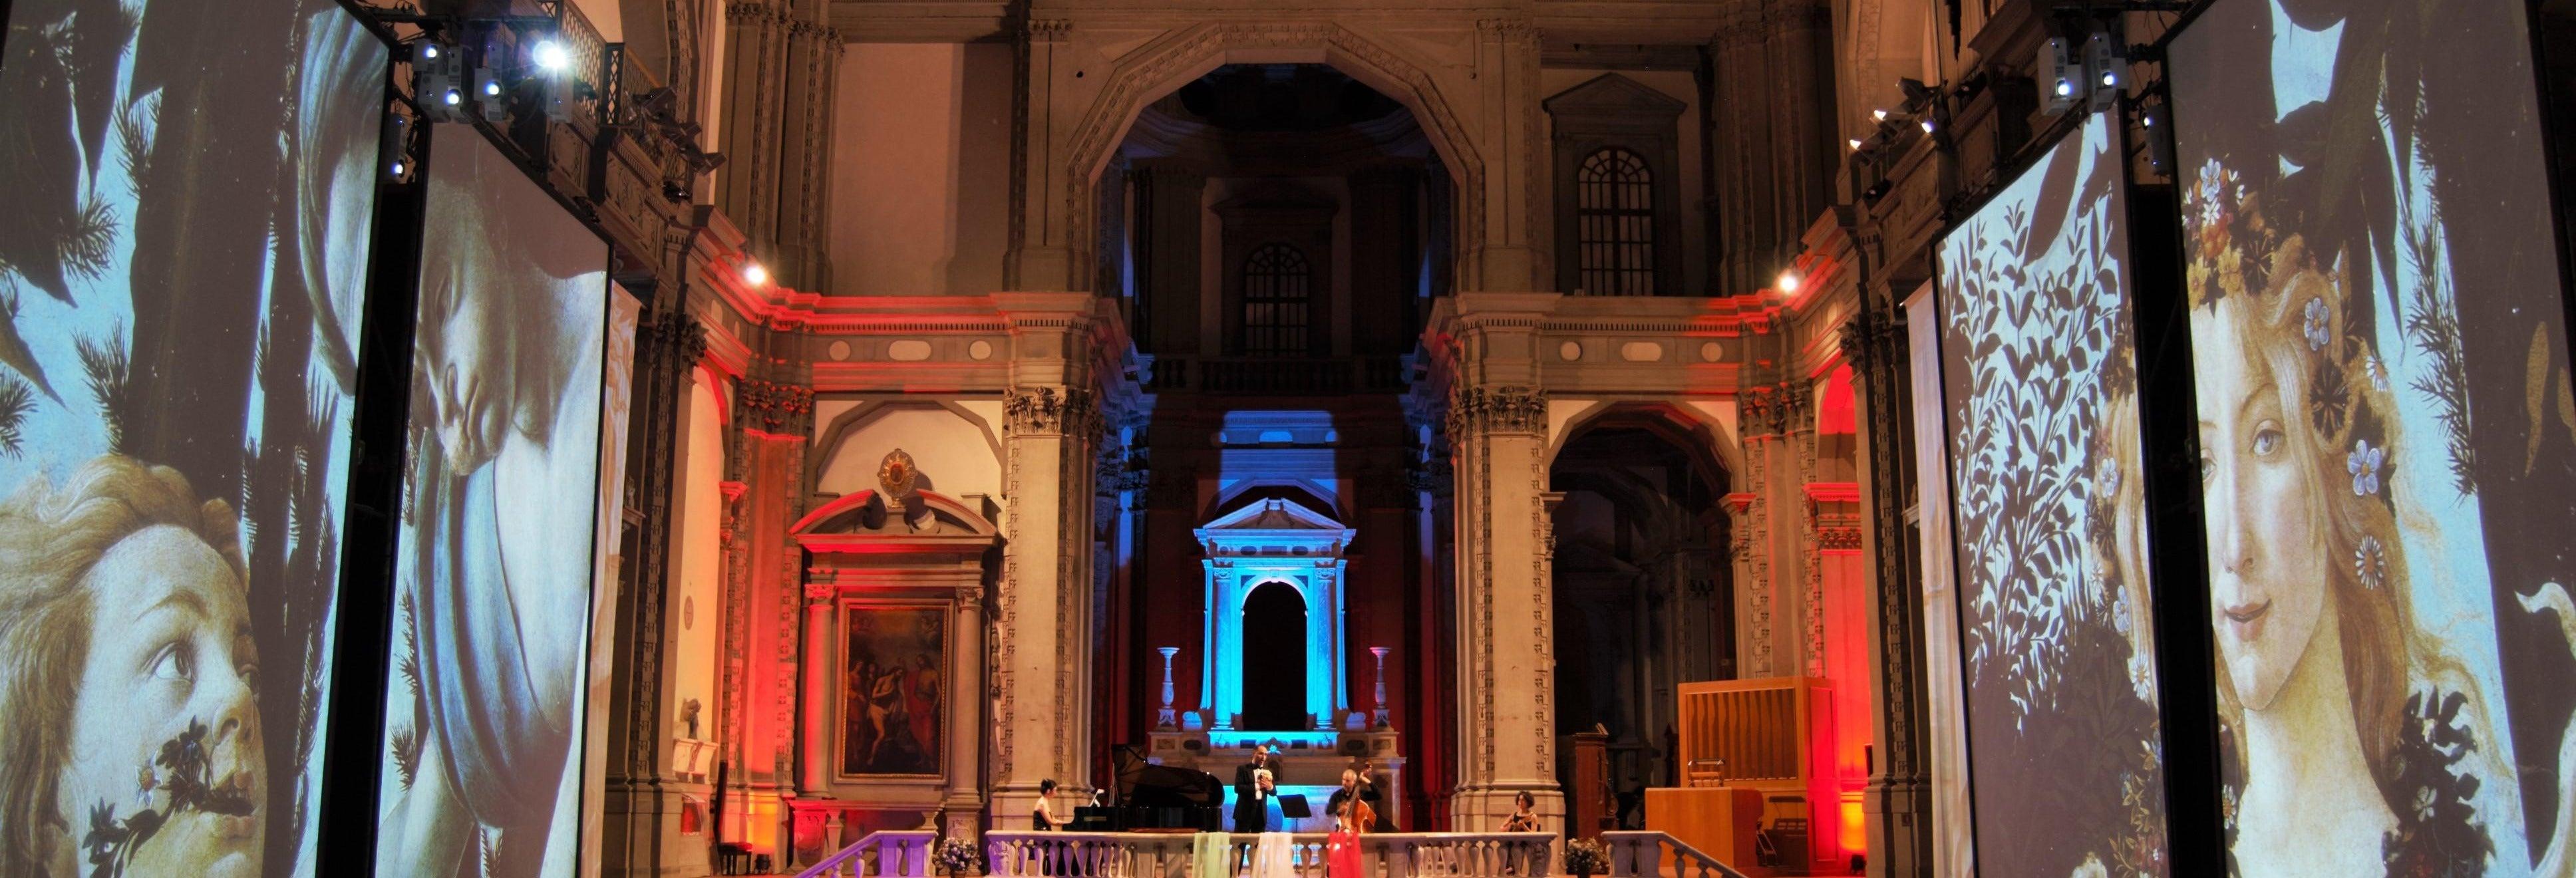 Ópera en Santo Stefano al Ponte Vecchio